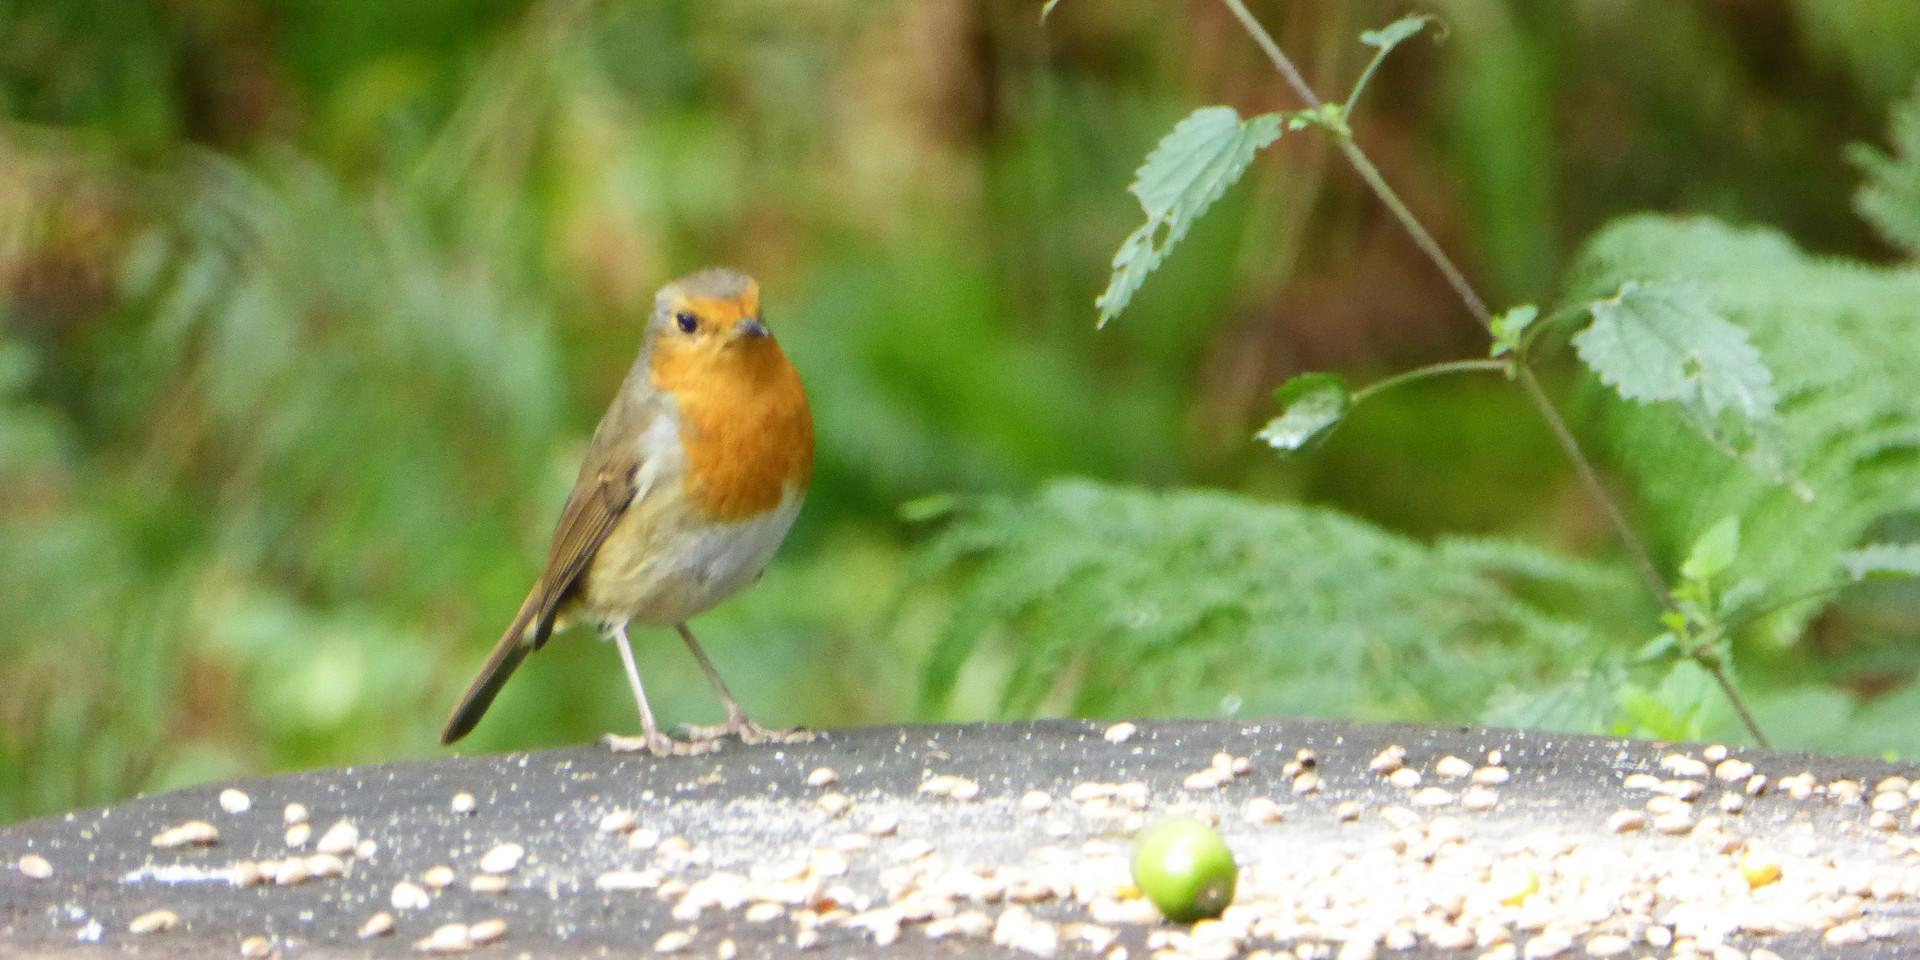 Chirpy Robin